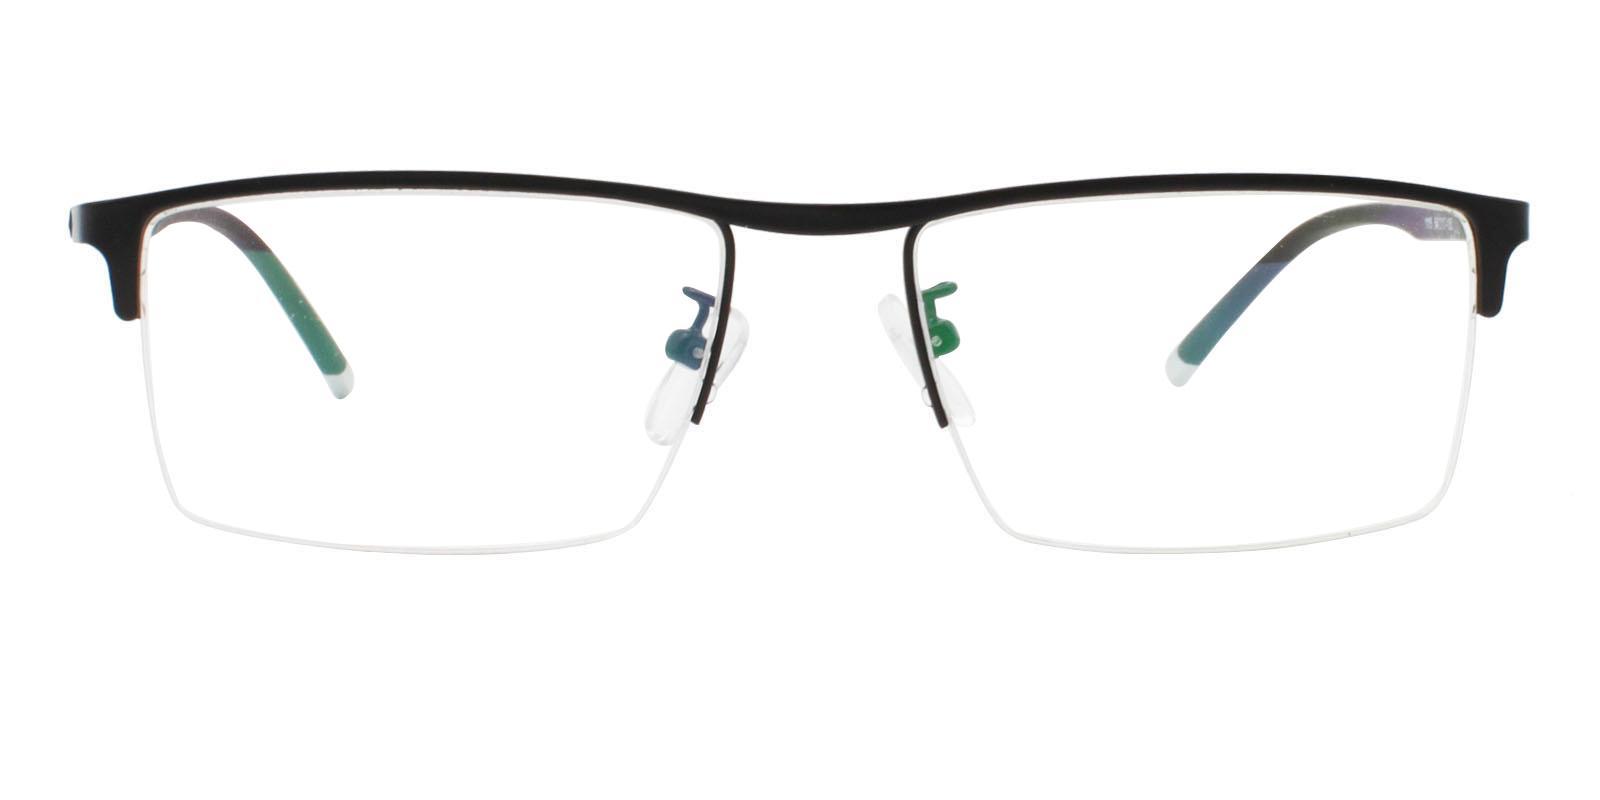 Jayden Black Metal Eyeglasses , NosePads Frames from ABBE Glasses